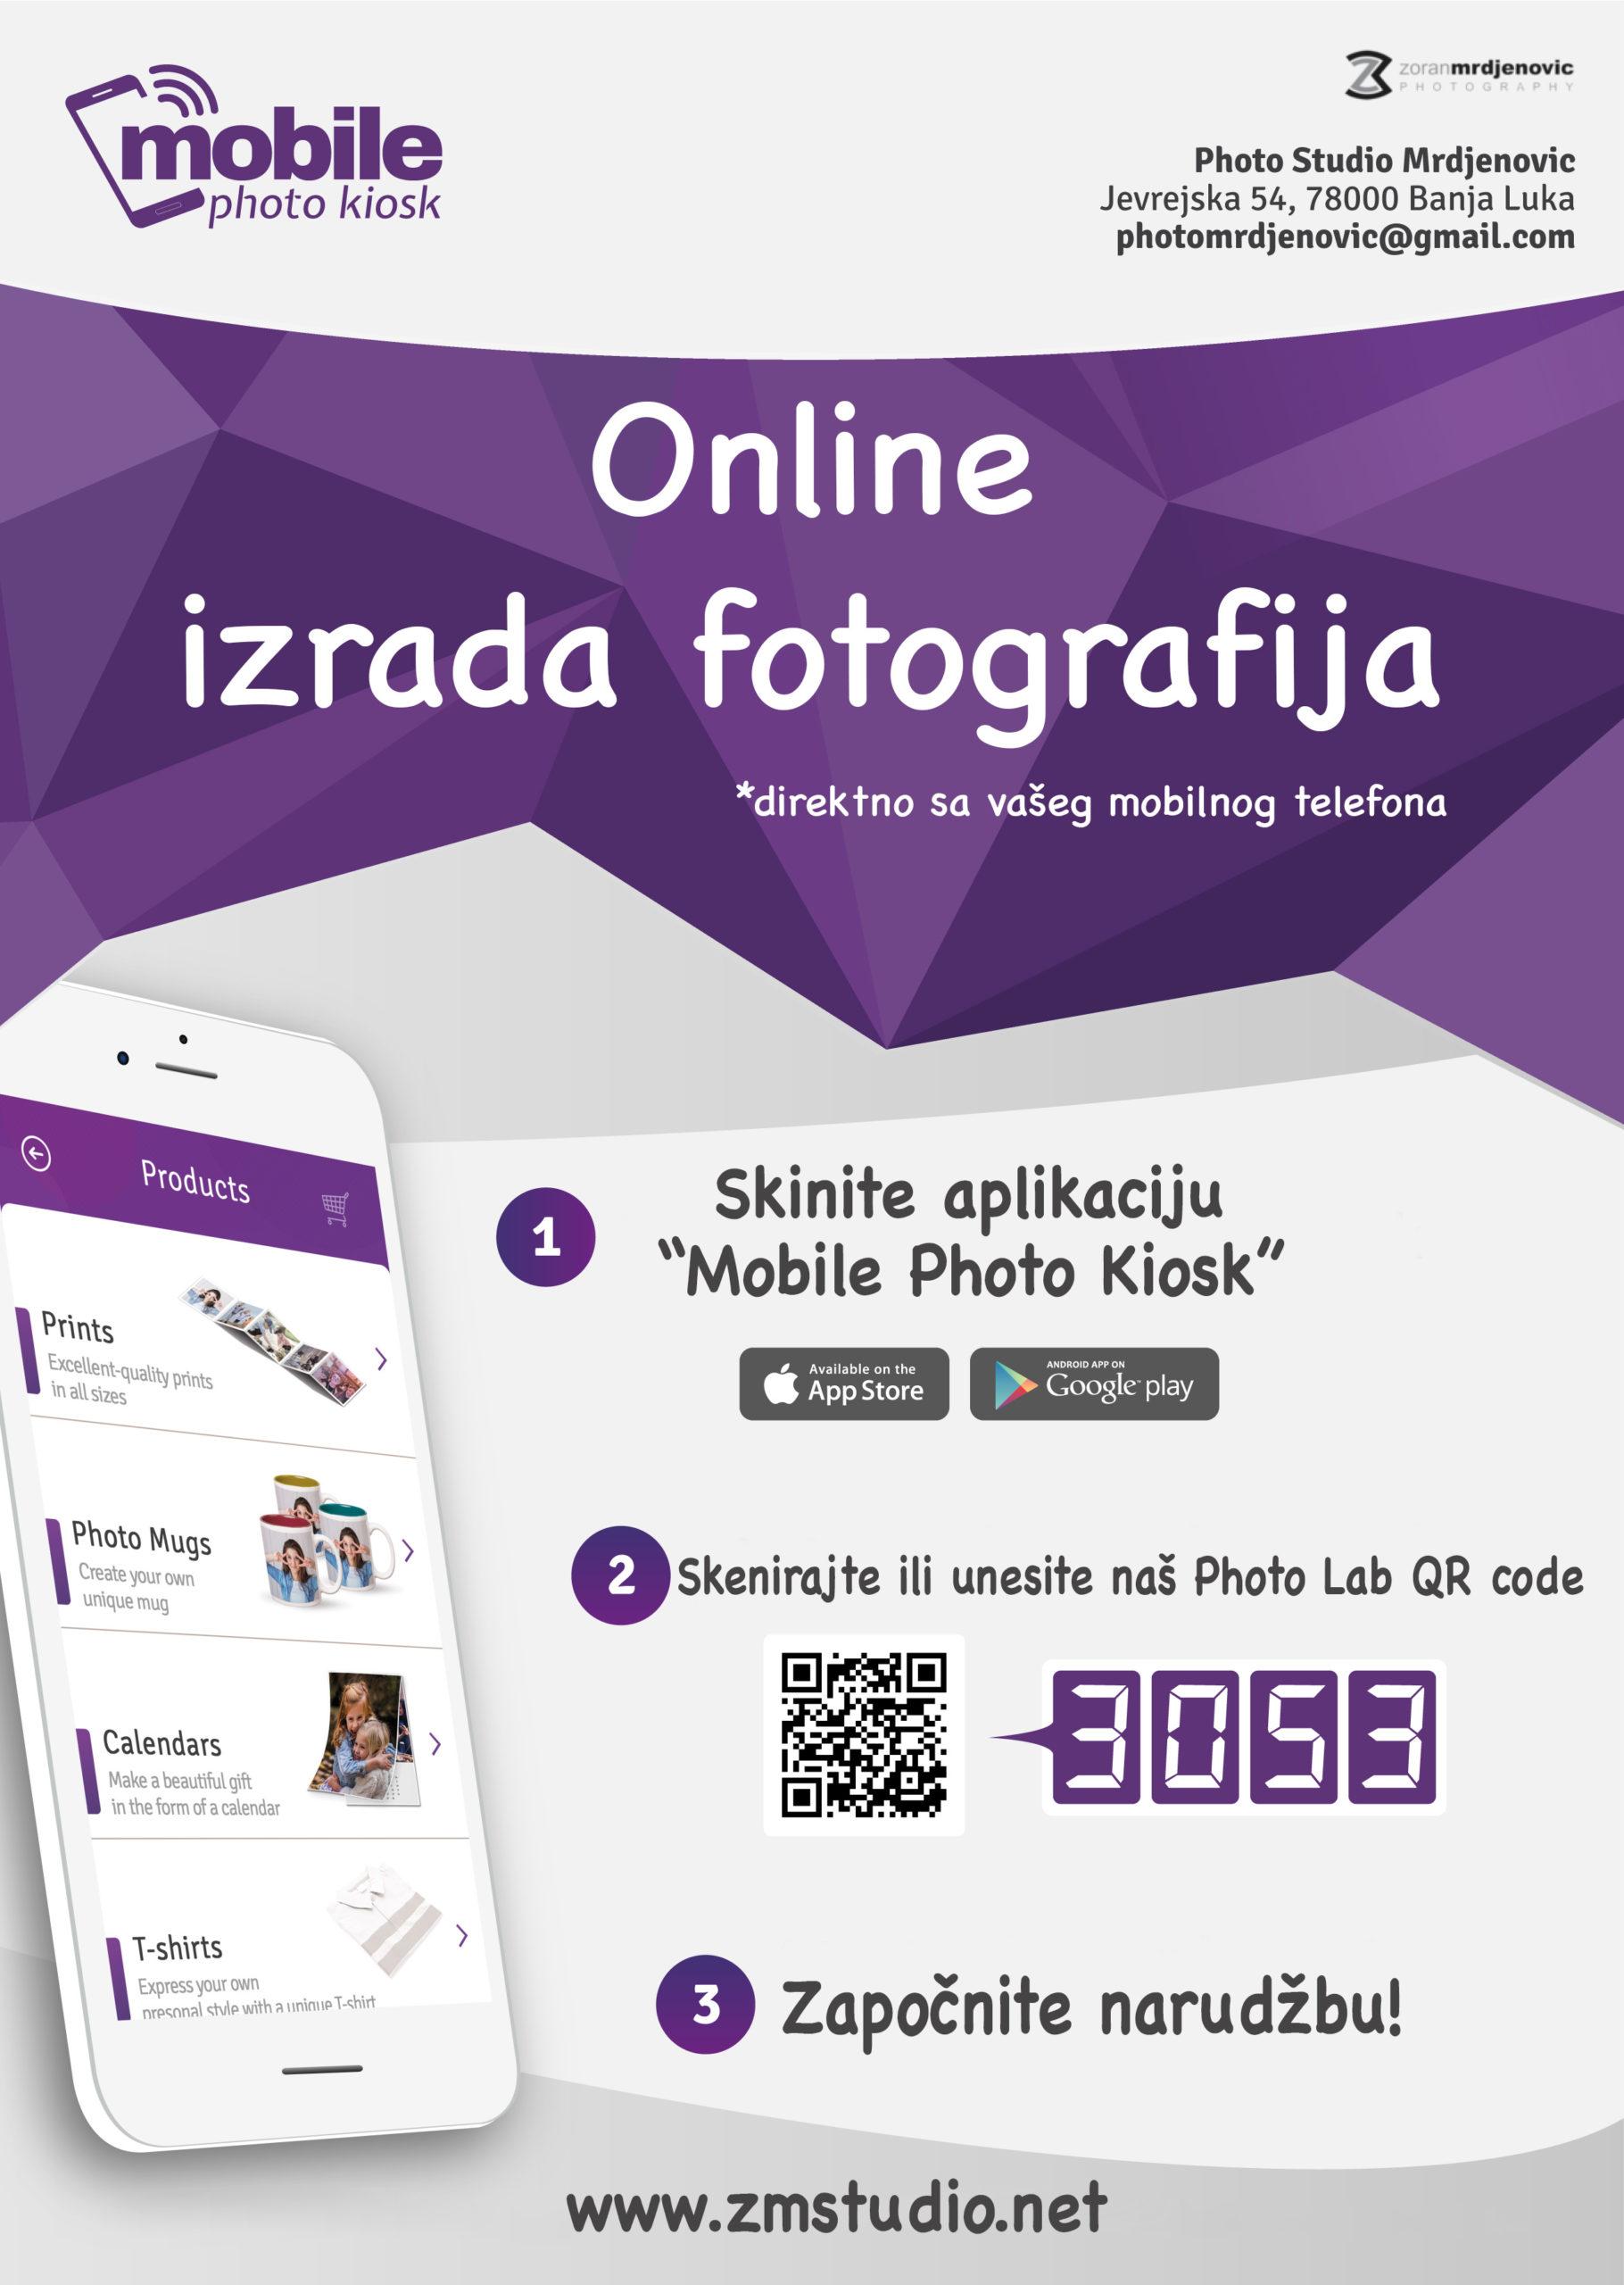 Online izrada fotografija